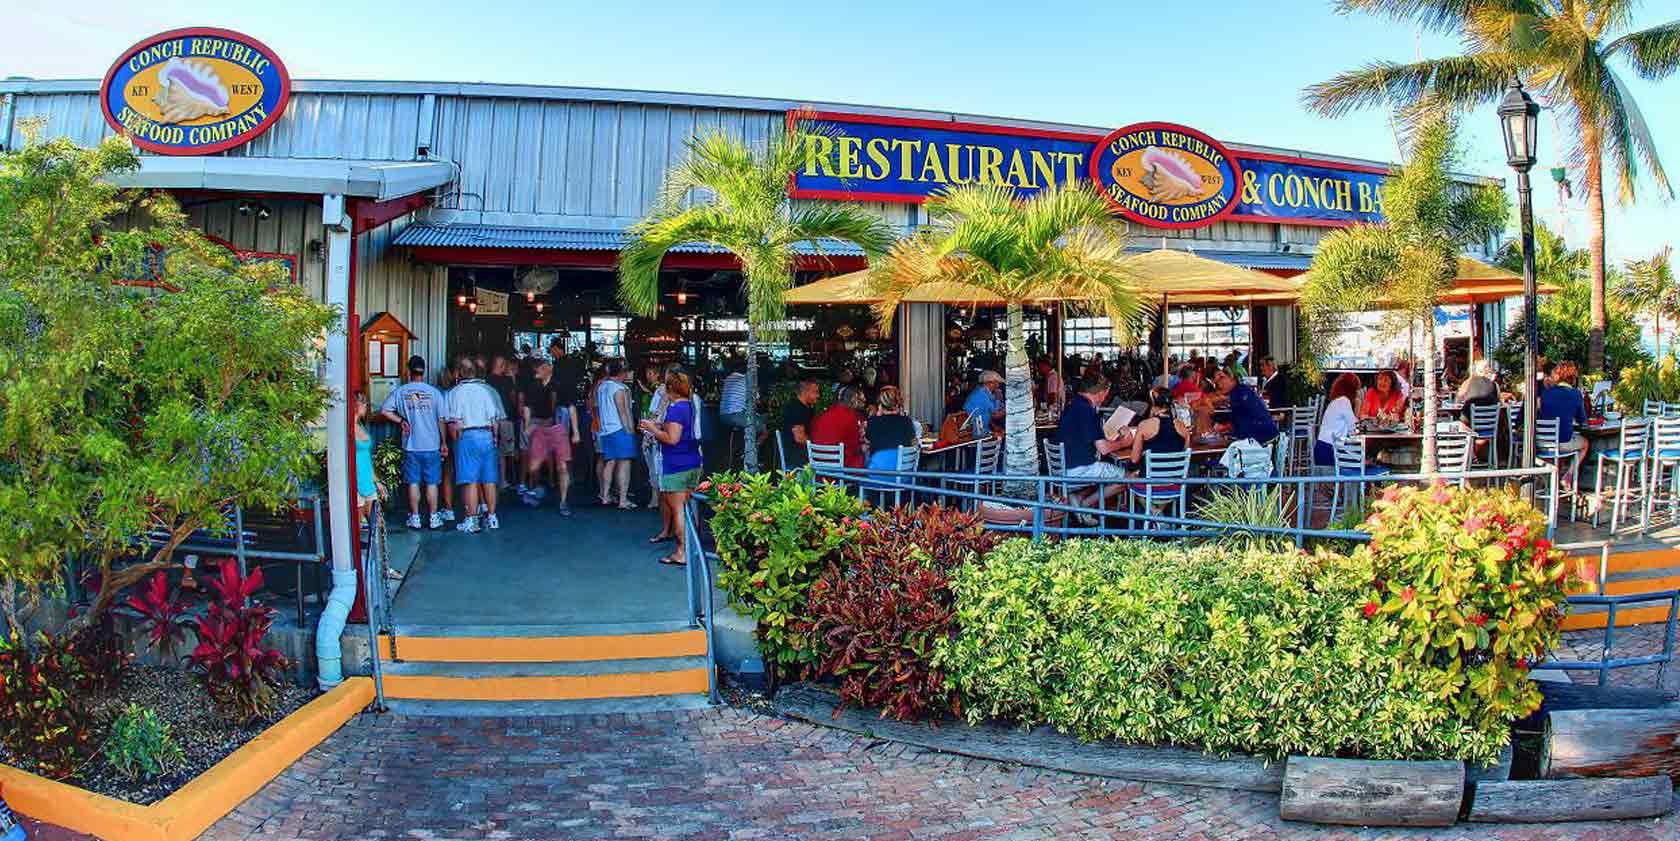 Restaurantes em Key West: restaurante Conch Republic Seafood